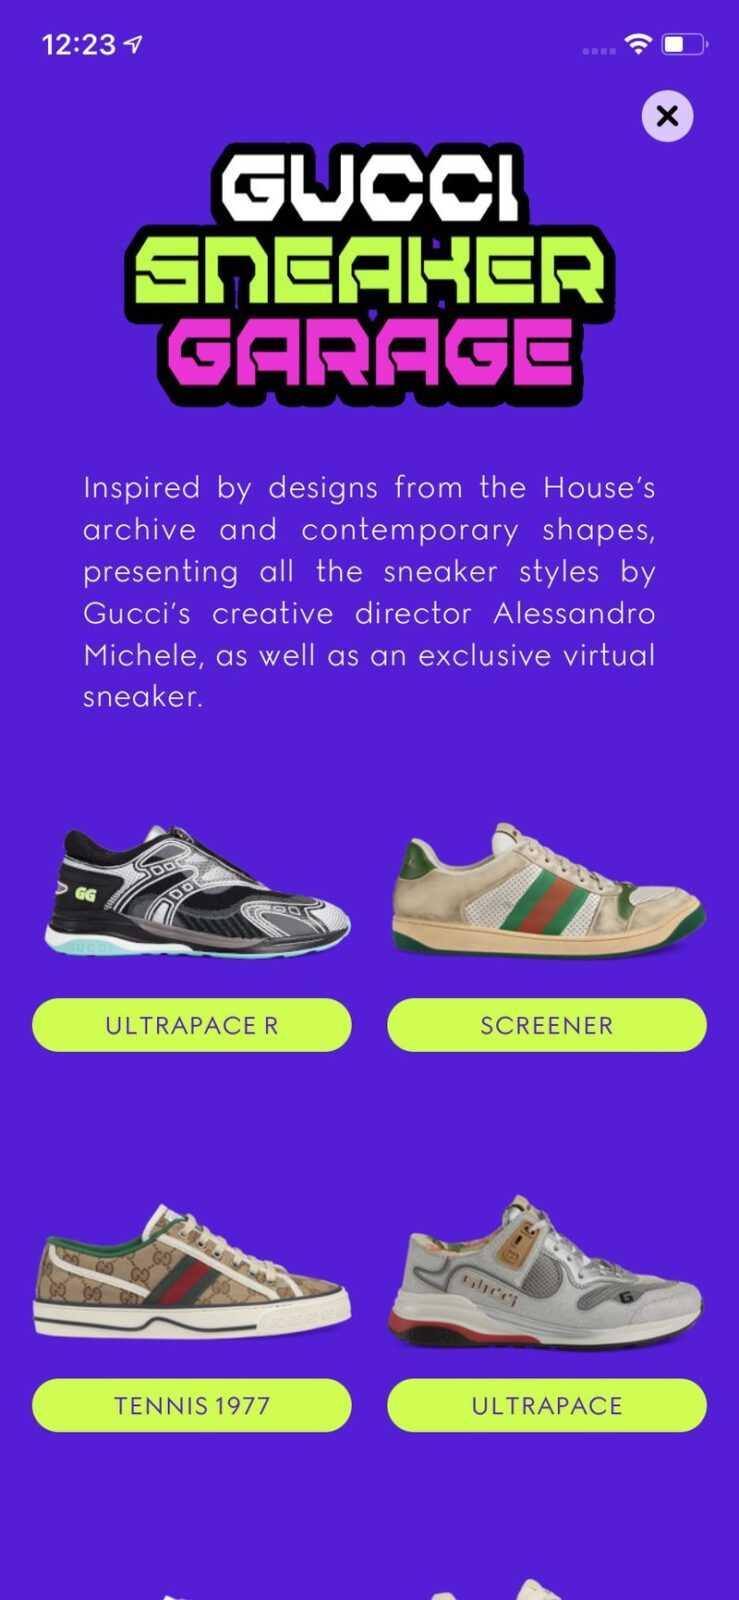 Gucci представила кроссовки виртуальной реальности за 1000 рублей (img 0690)